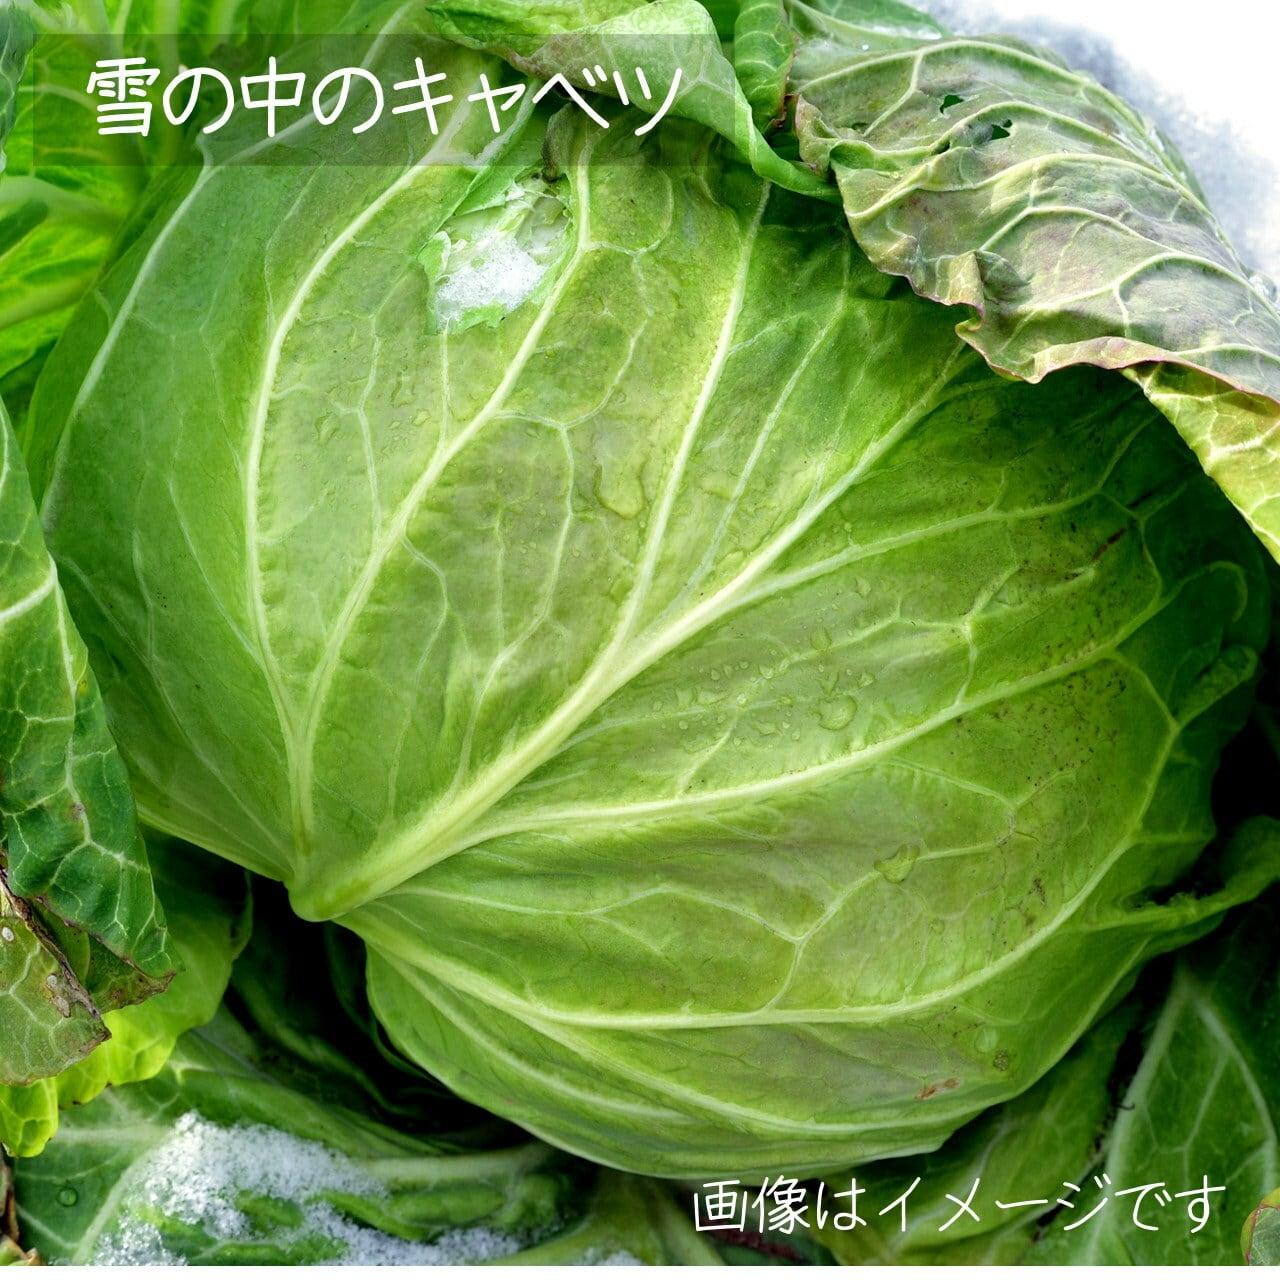 8月の朝採り直売野菜 : キャベツ 1個 新鮮の夏野菜 8月15日発送予定